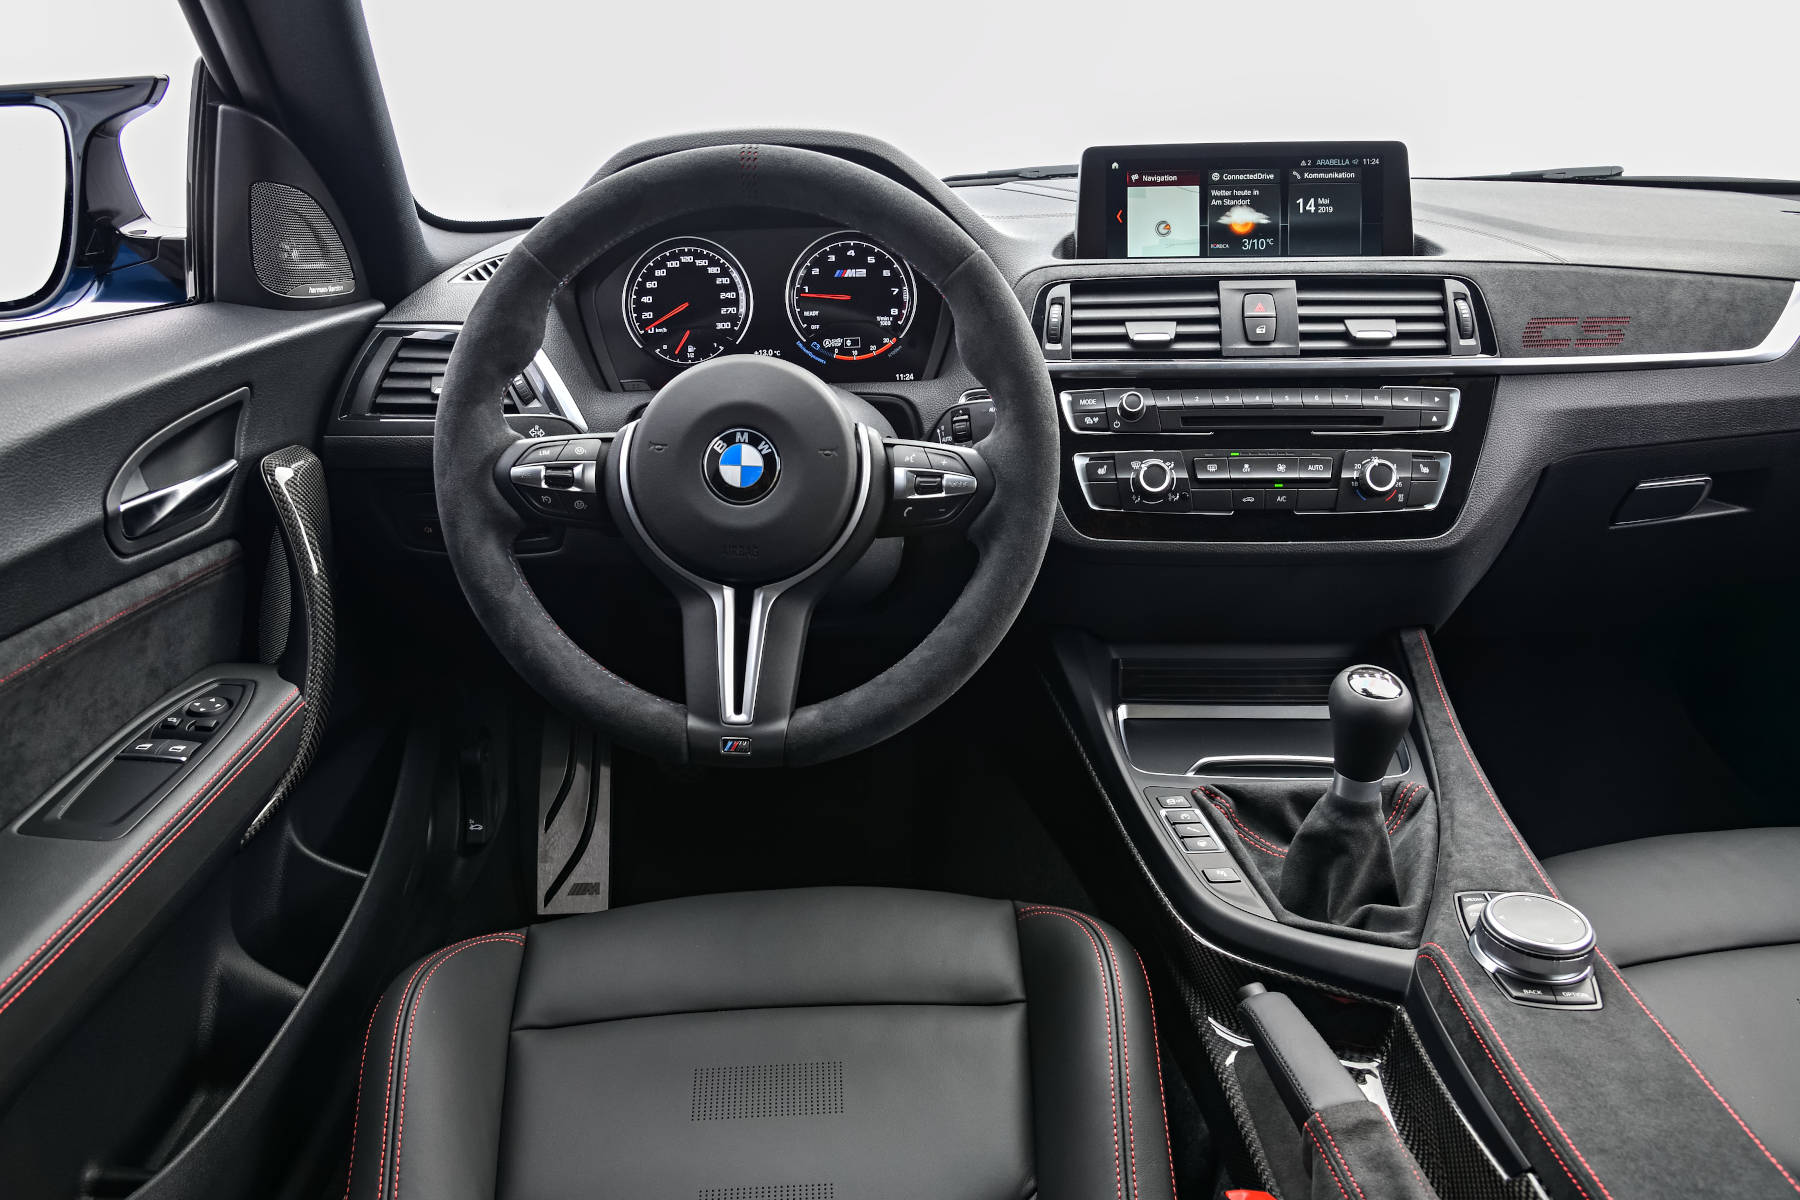 Innenraum des BMW M2 CS aus Fahrersicht